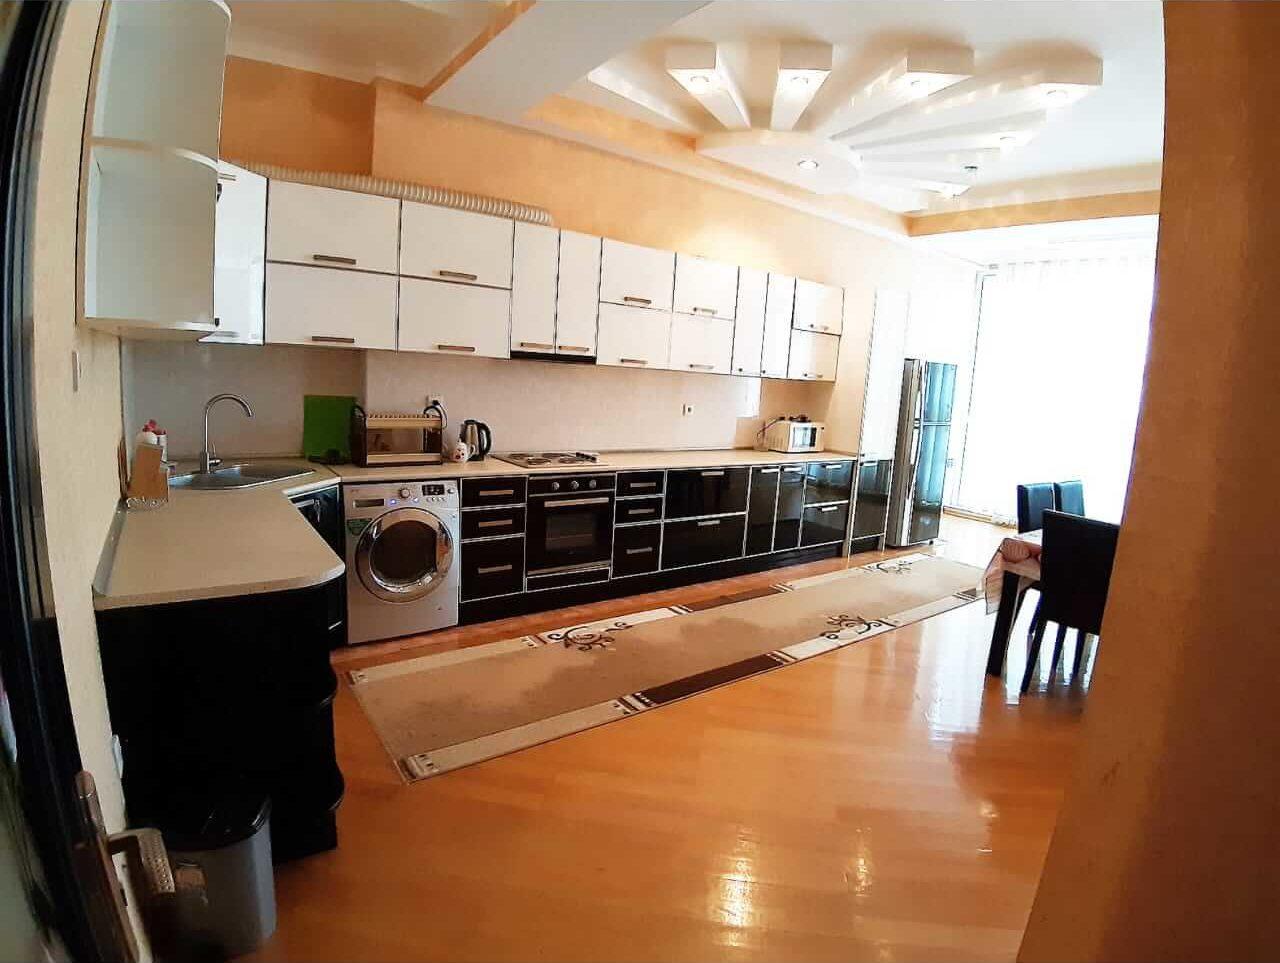 آشپزخانه آپارتمان شماره 2